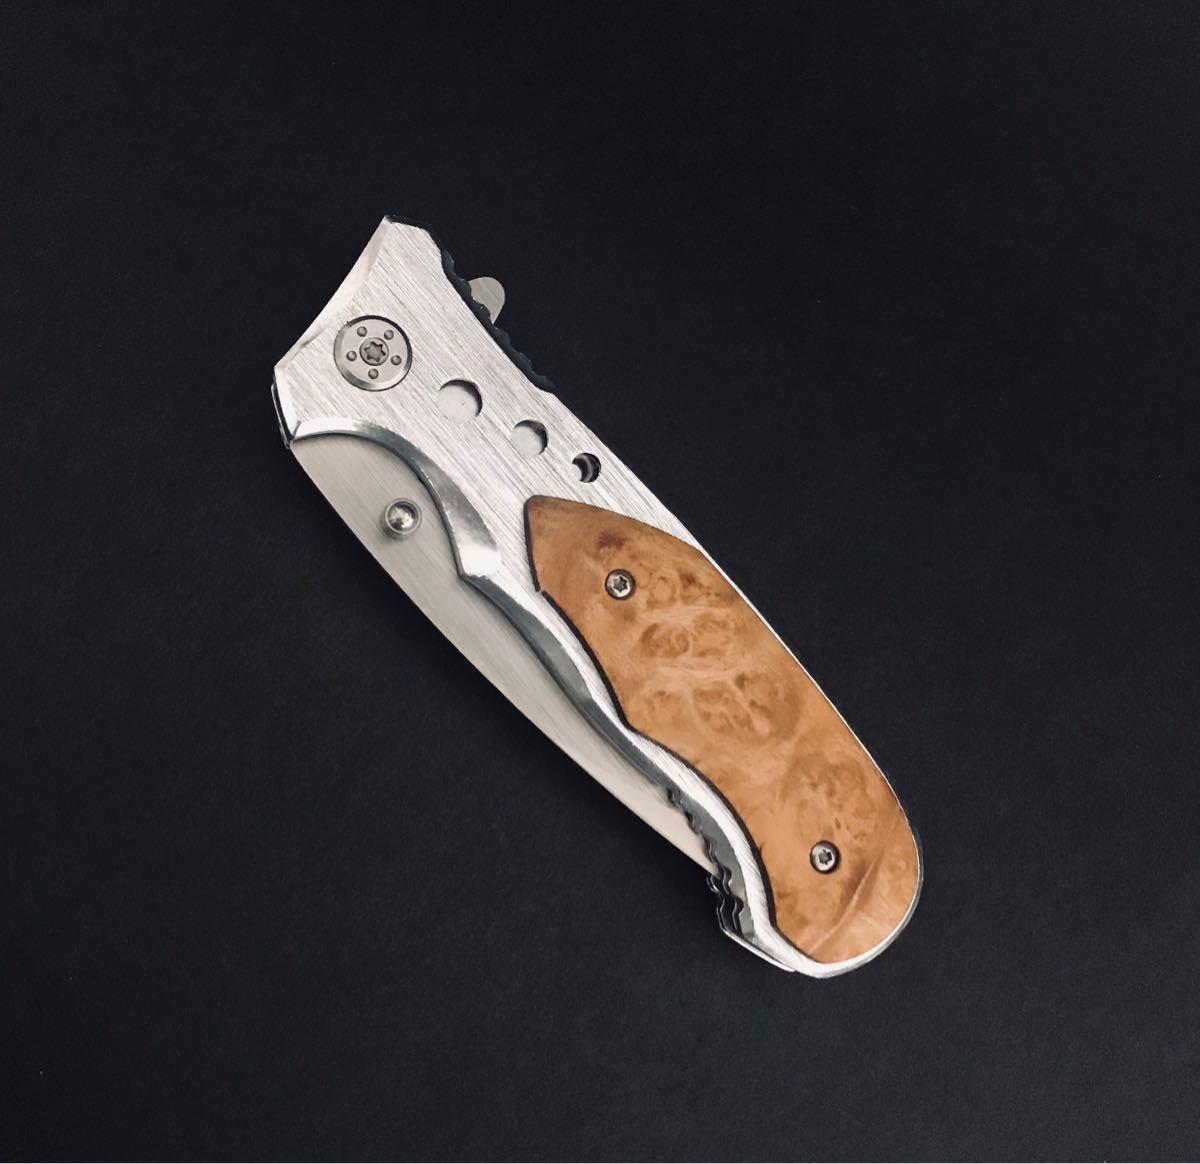 ナイフ フォールディングナイフ #024 ポケットナイフ 折りたたみ